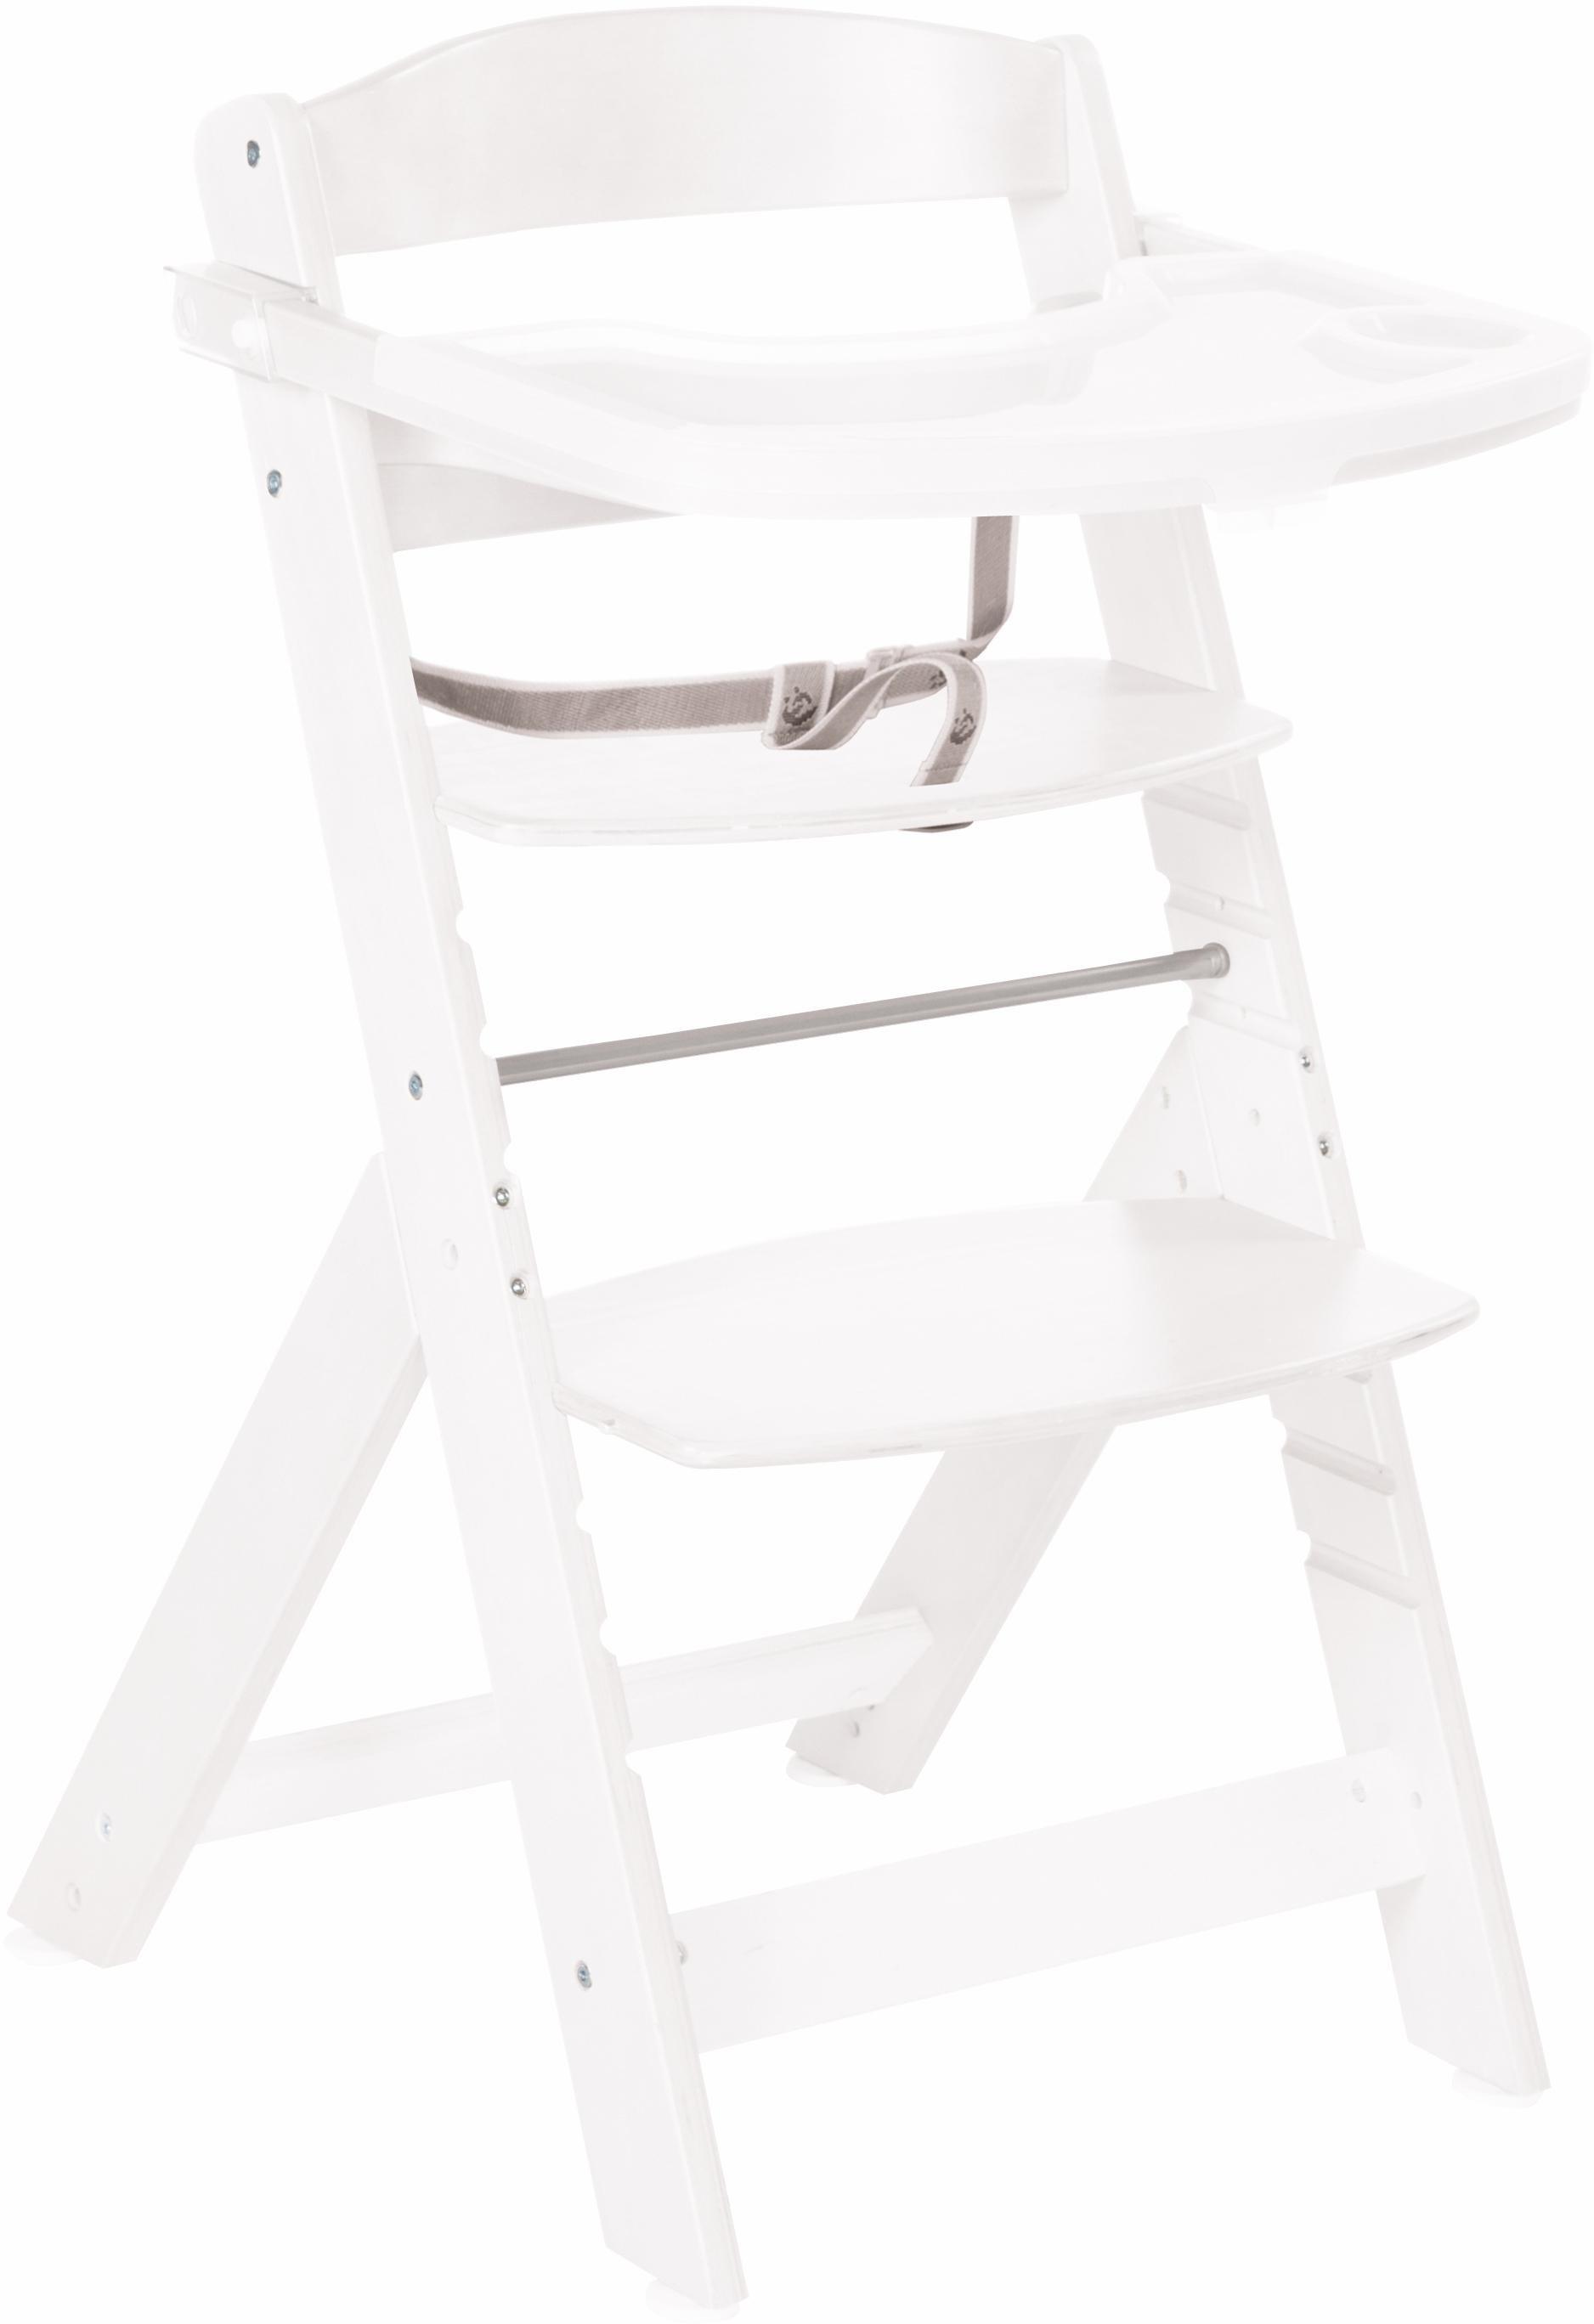 Kinderstoel Wit Hout.Roba Kinderstoel Van Hout Meegroeistoel Sit Up Super Maxi Wit